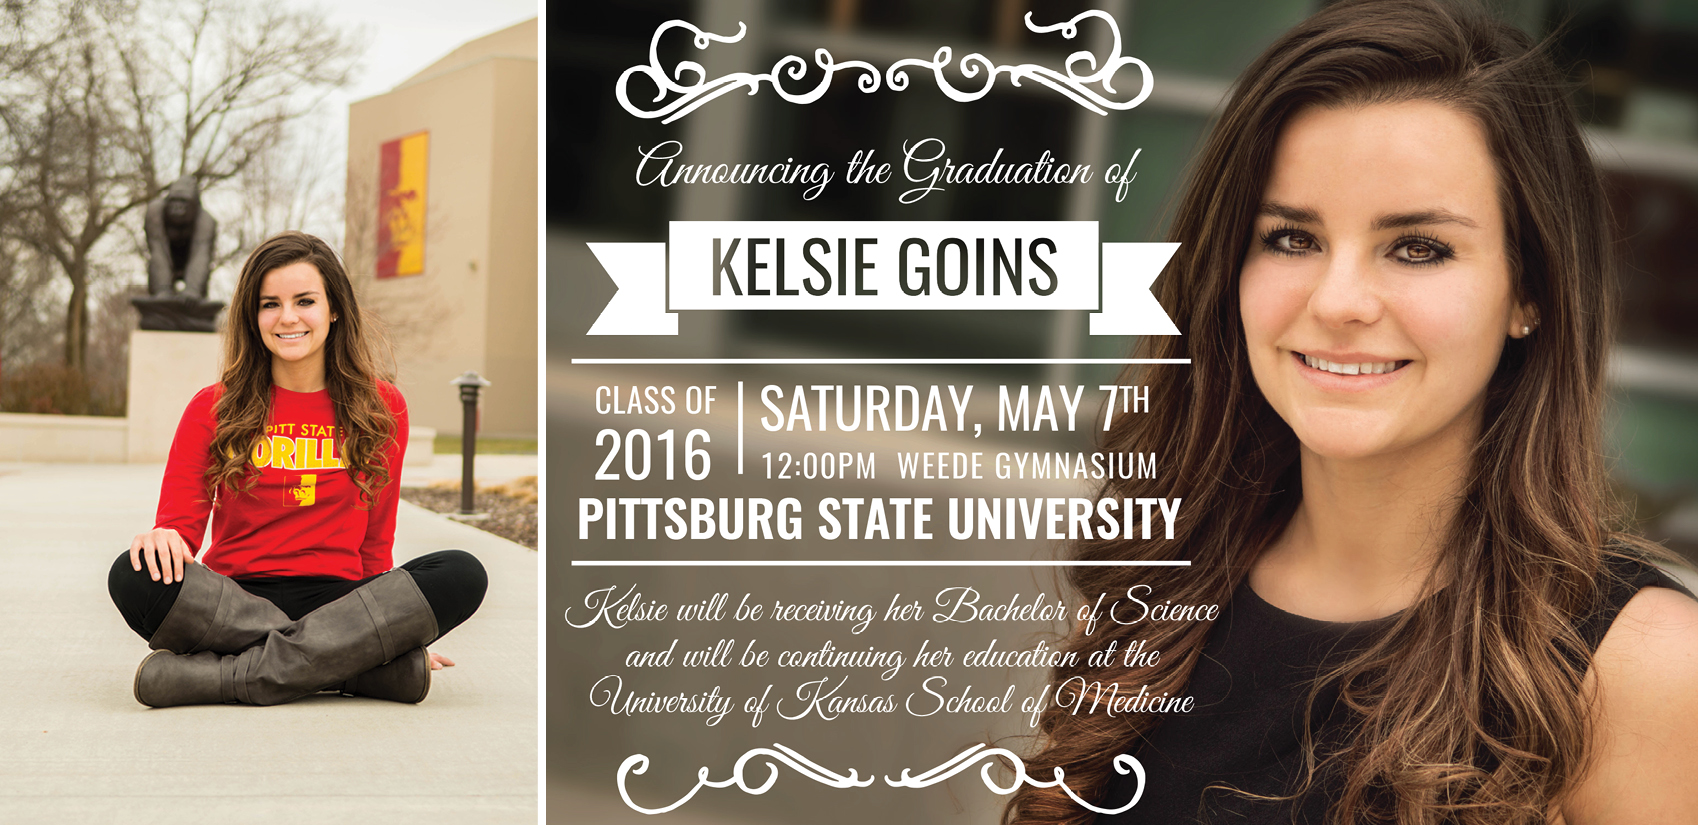 Kelsie-Senior Session and Graduation Invitation